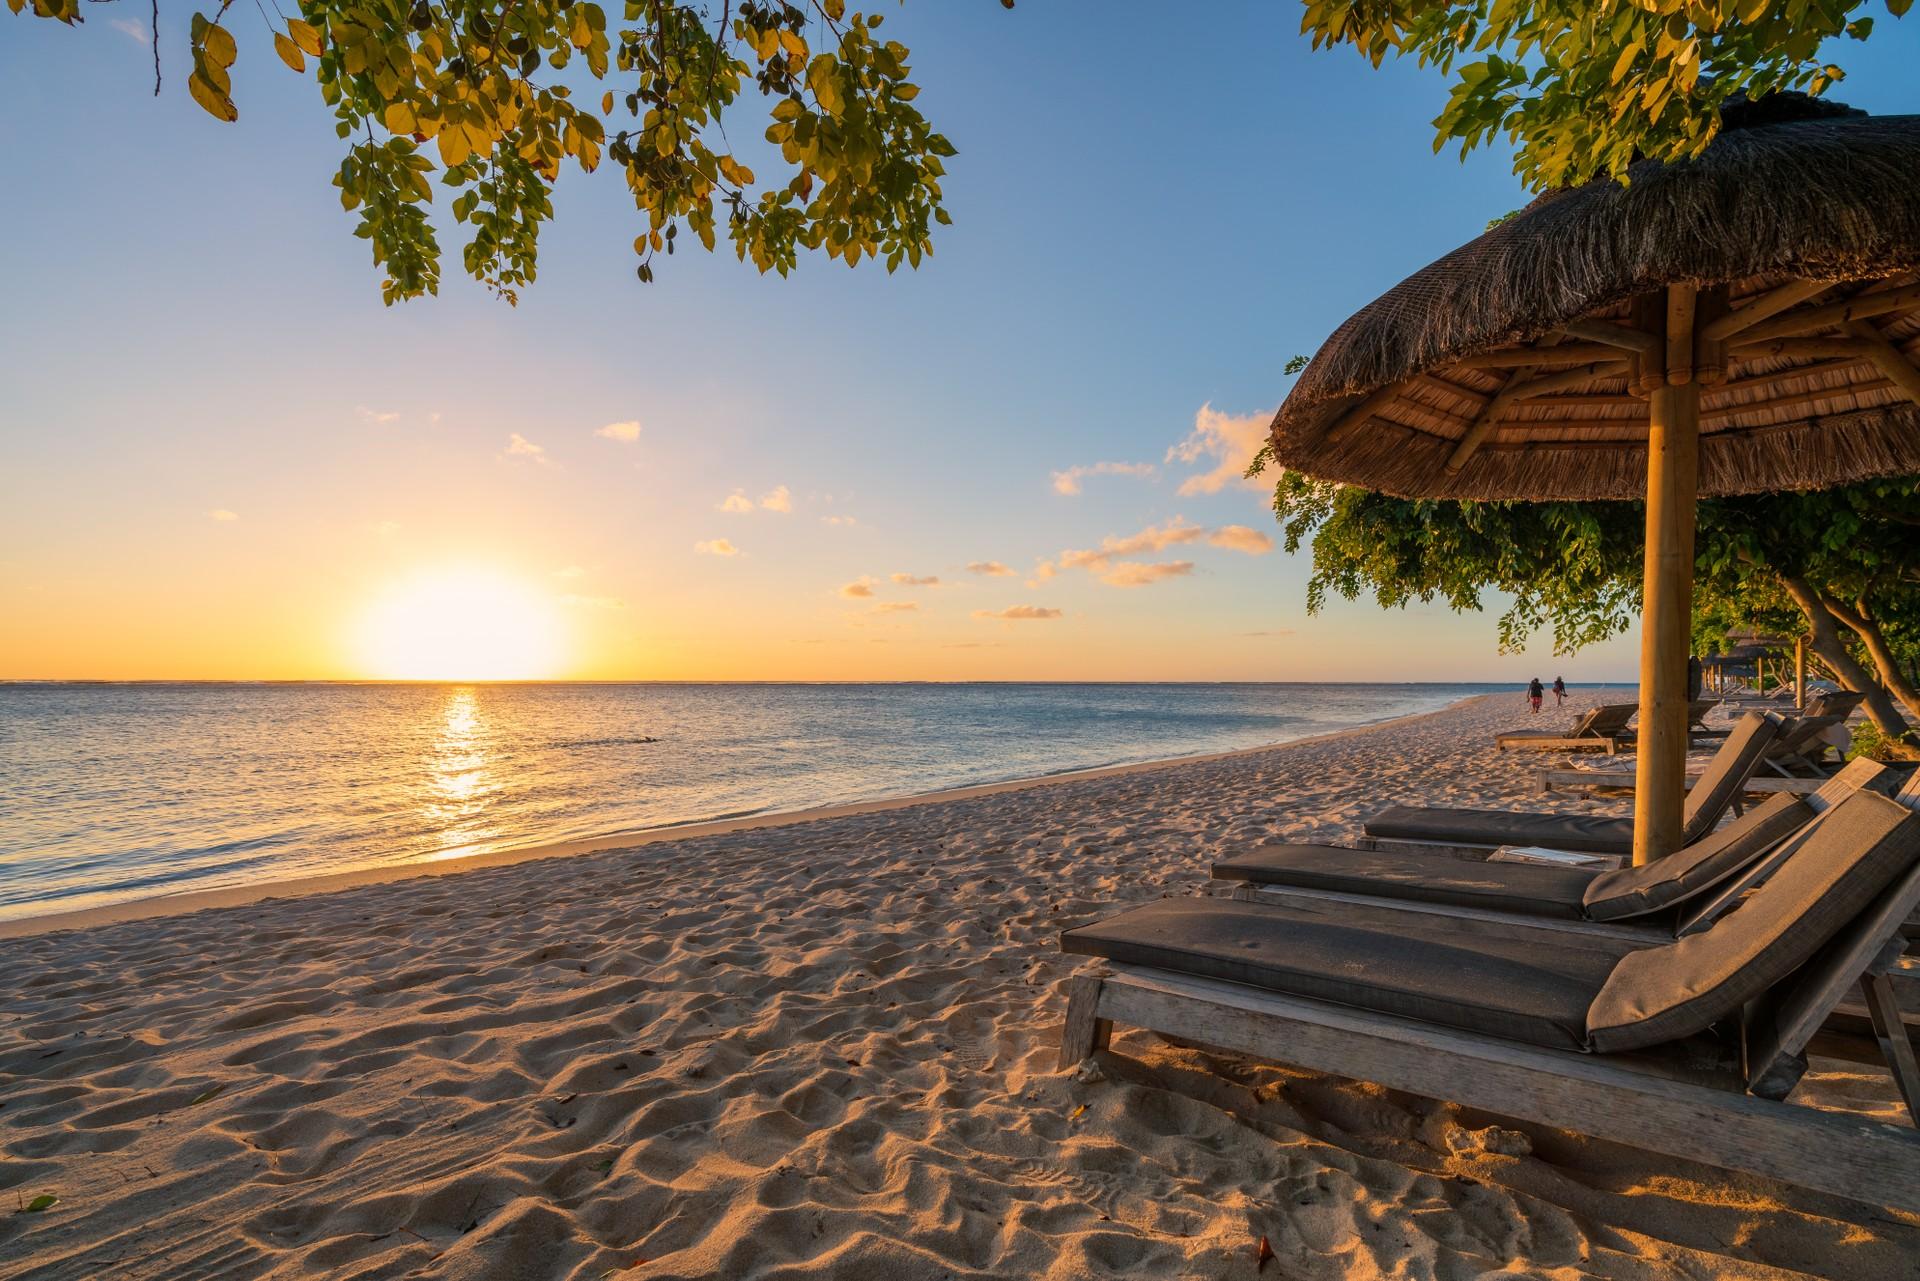 Mauritius beach at sunset